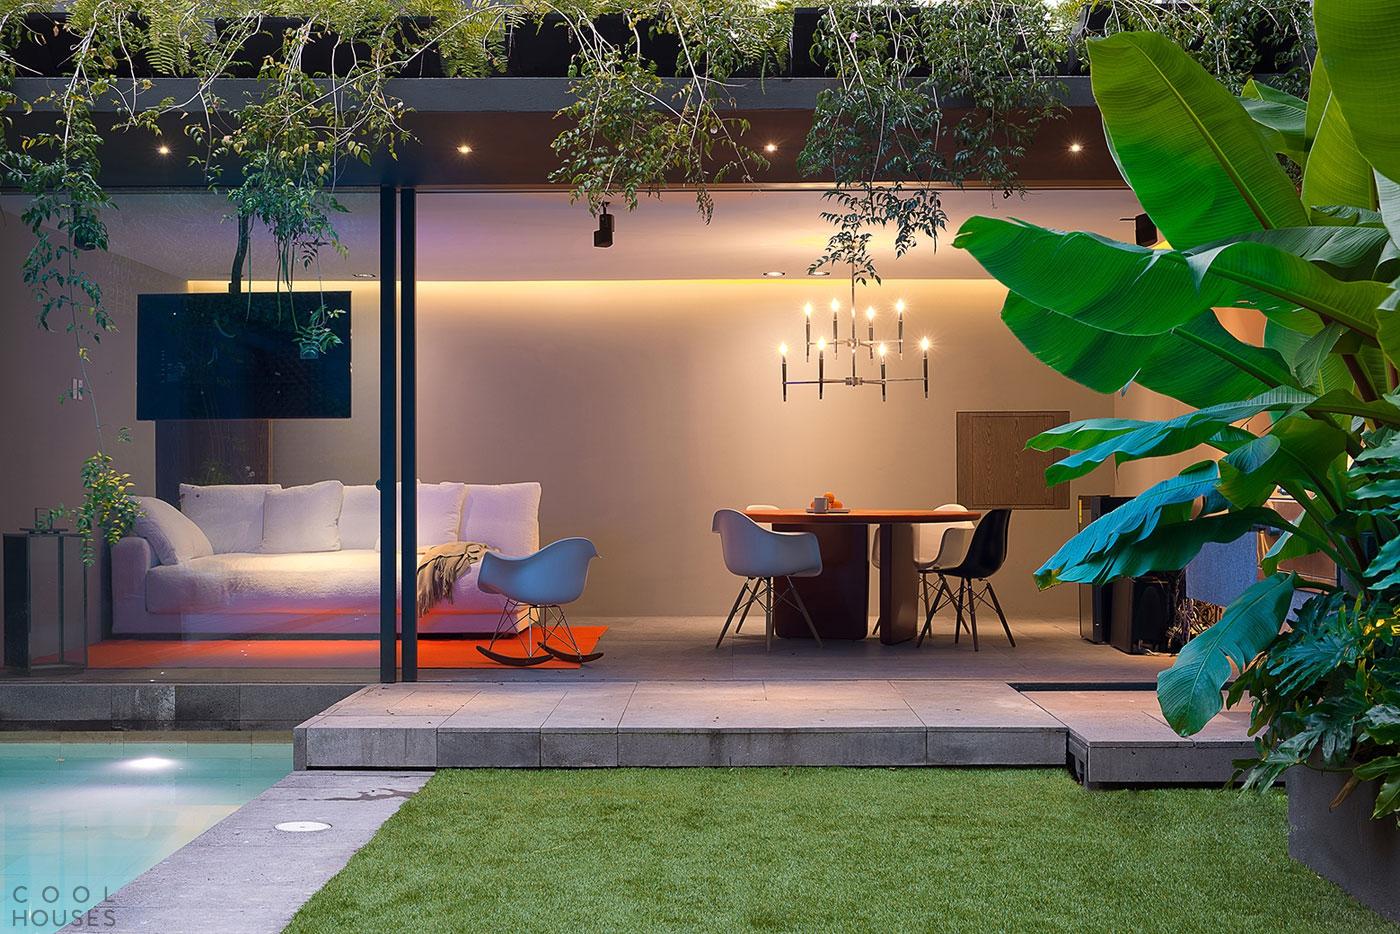 Современный особняк с элегантным интерьером в Мехико, Мексика